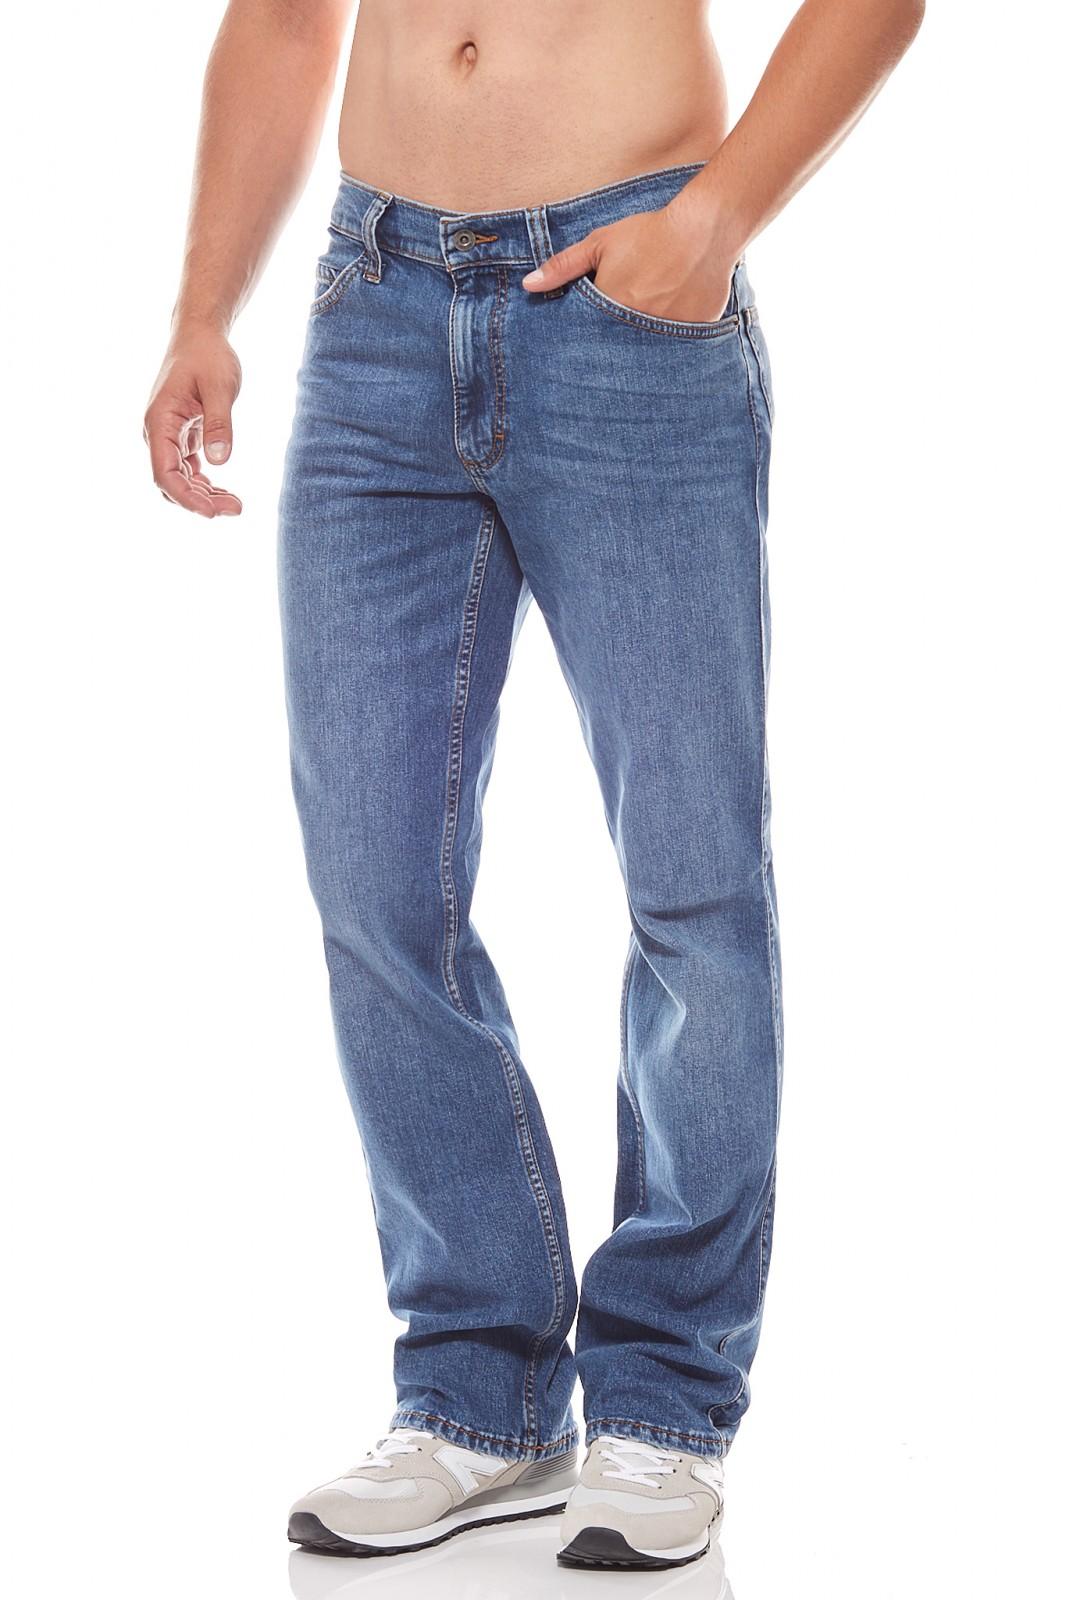 W36 L36 Size Mustang Oregon Boot Klassische Herren Jeans